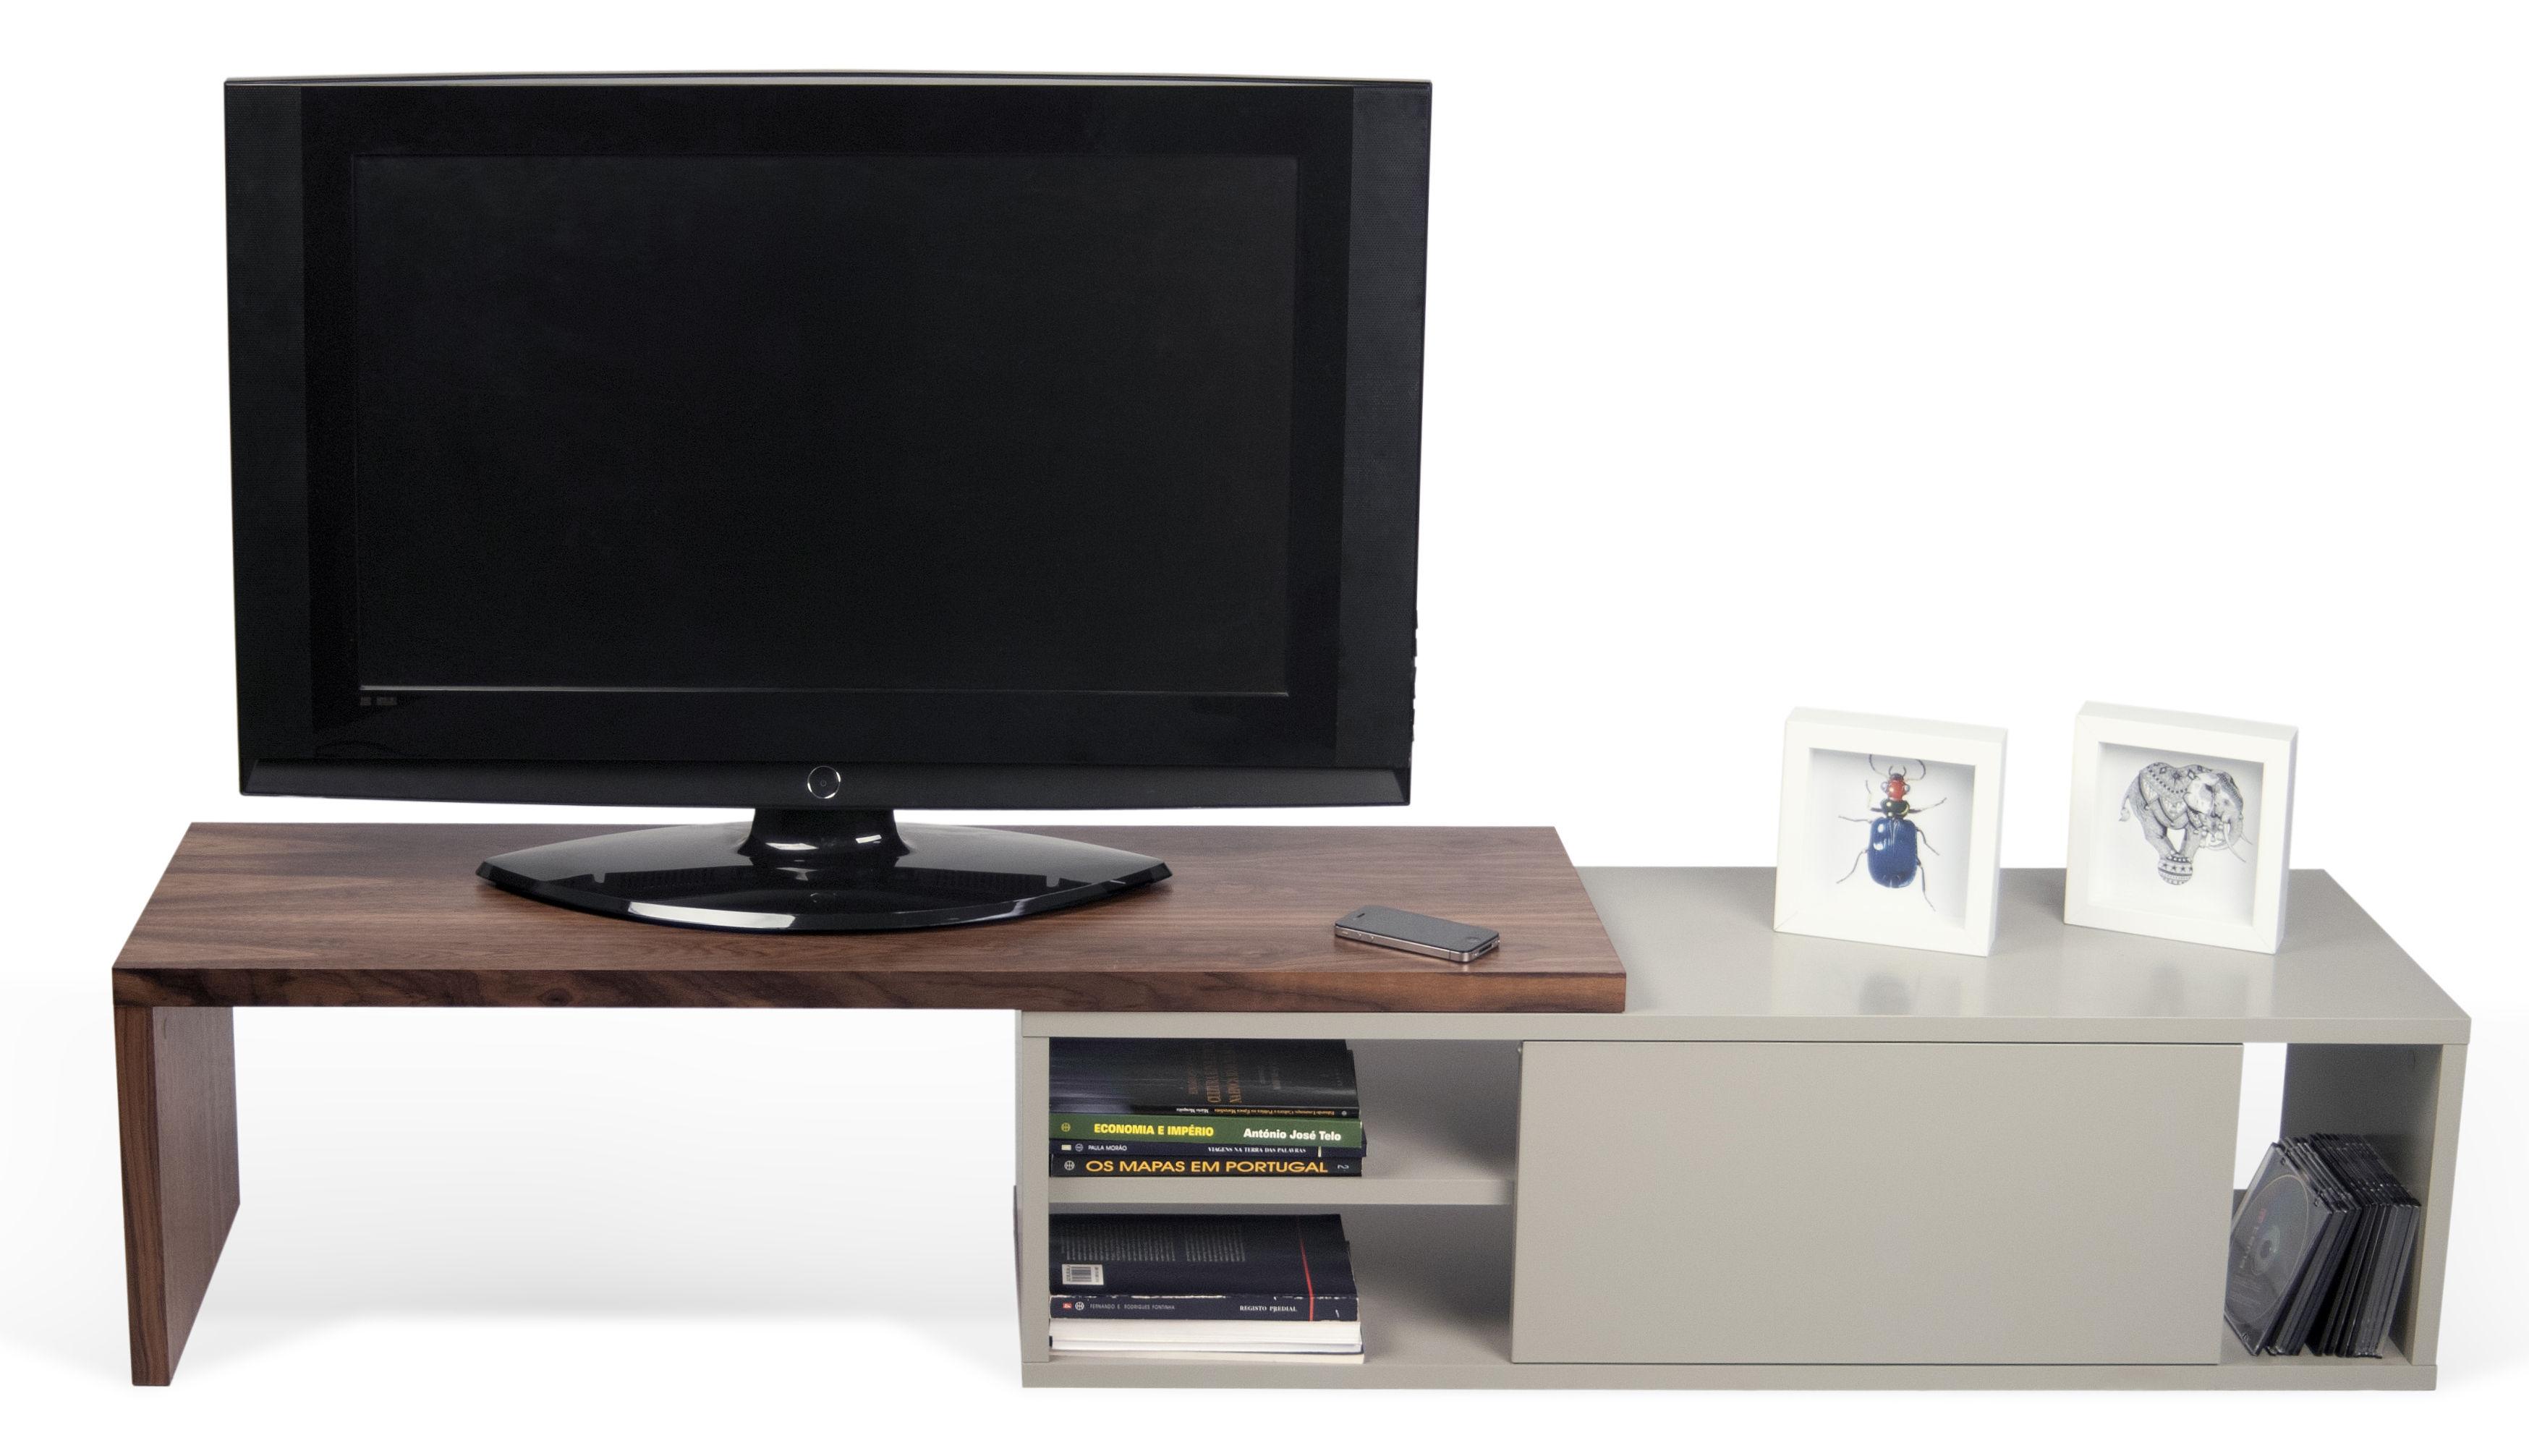 Meuble Tv Extensible Slide Pop Up Home Gris Noyer Longueur